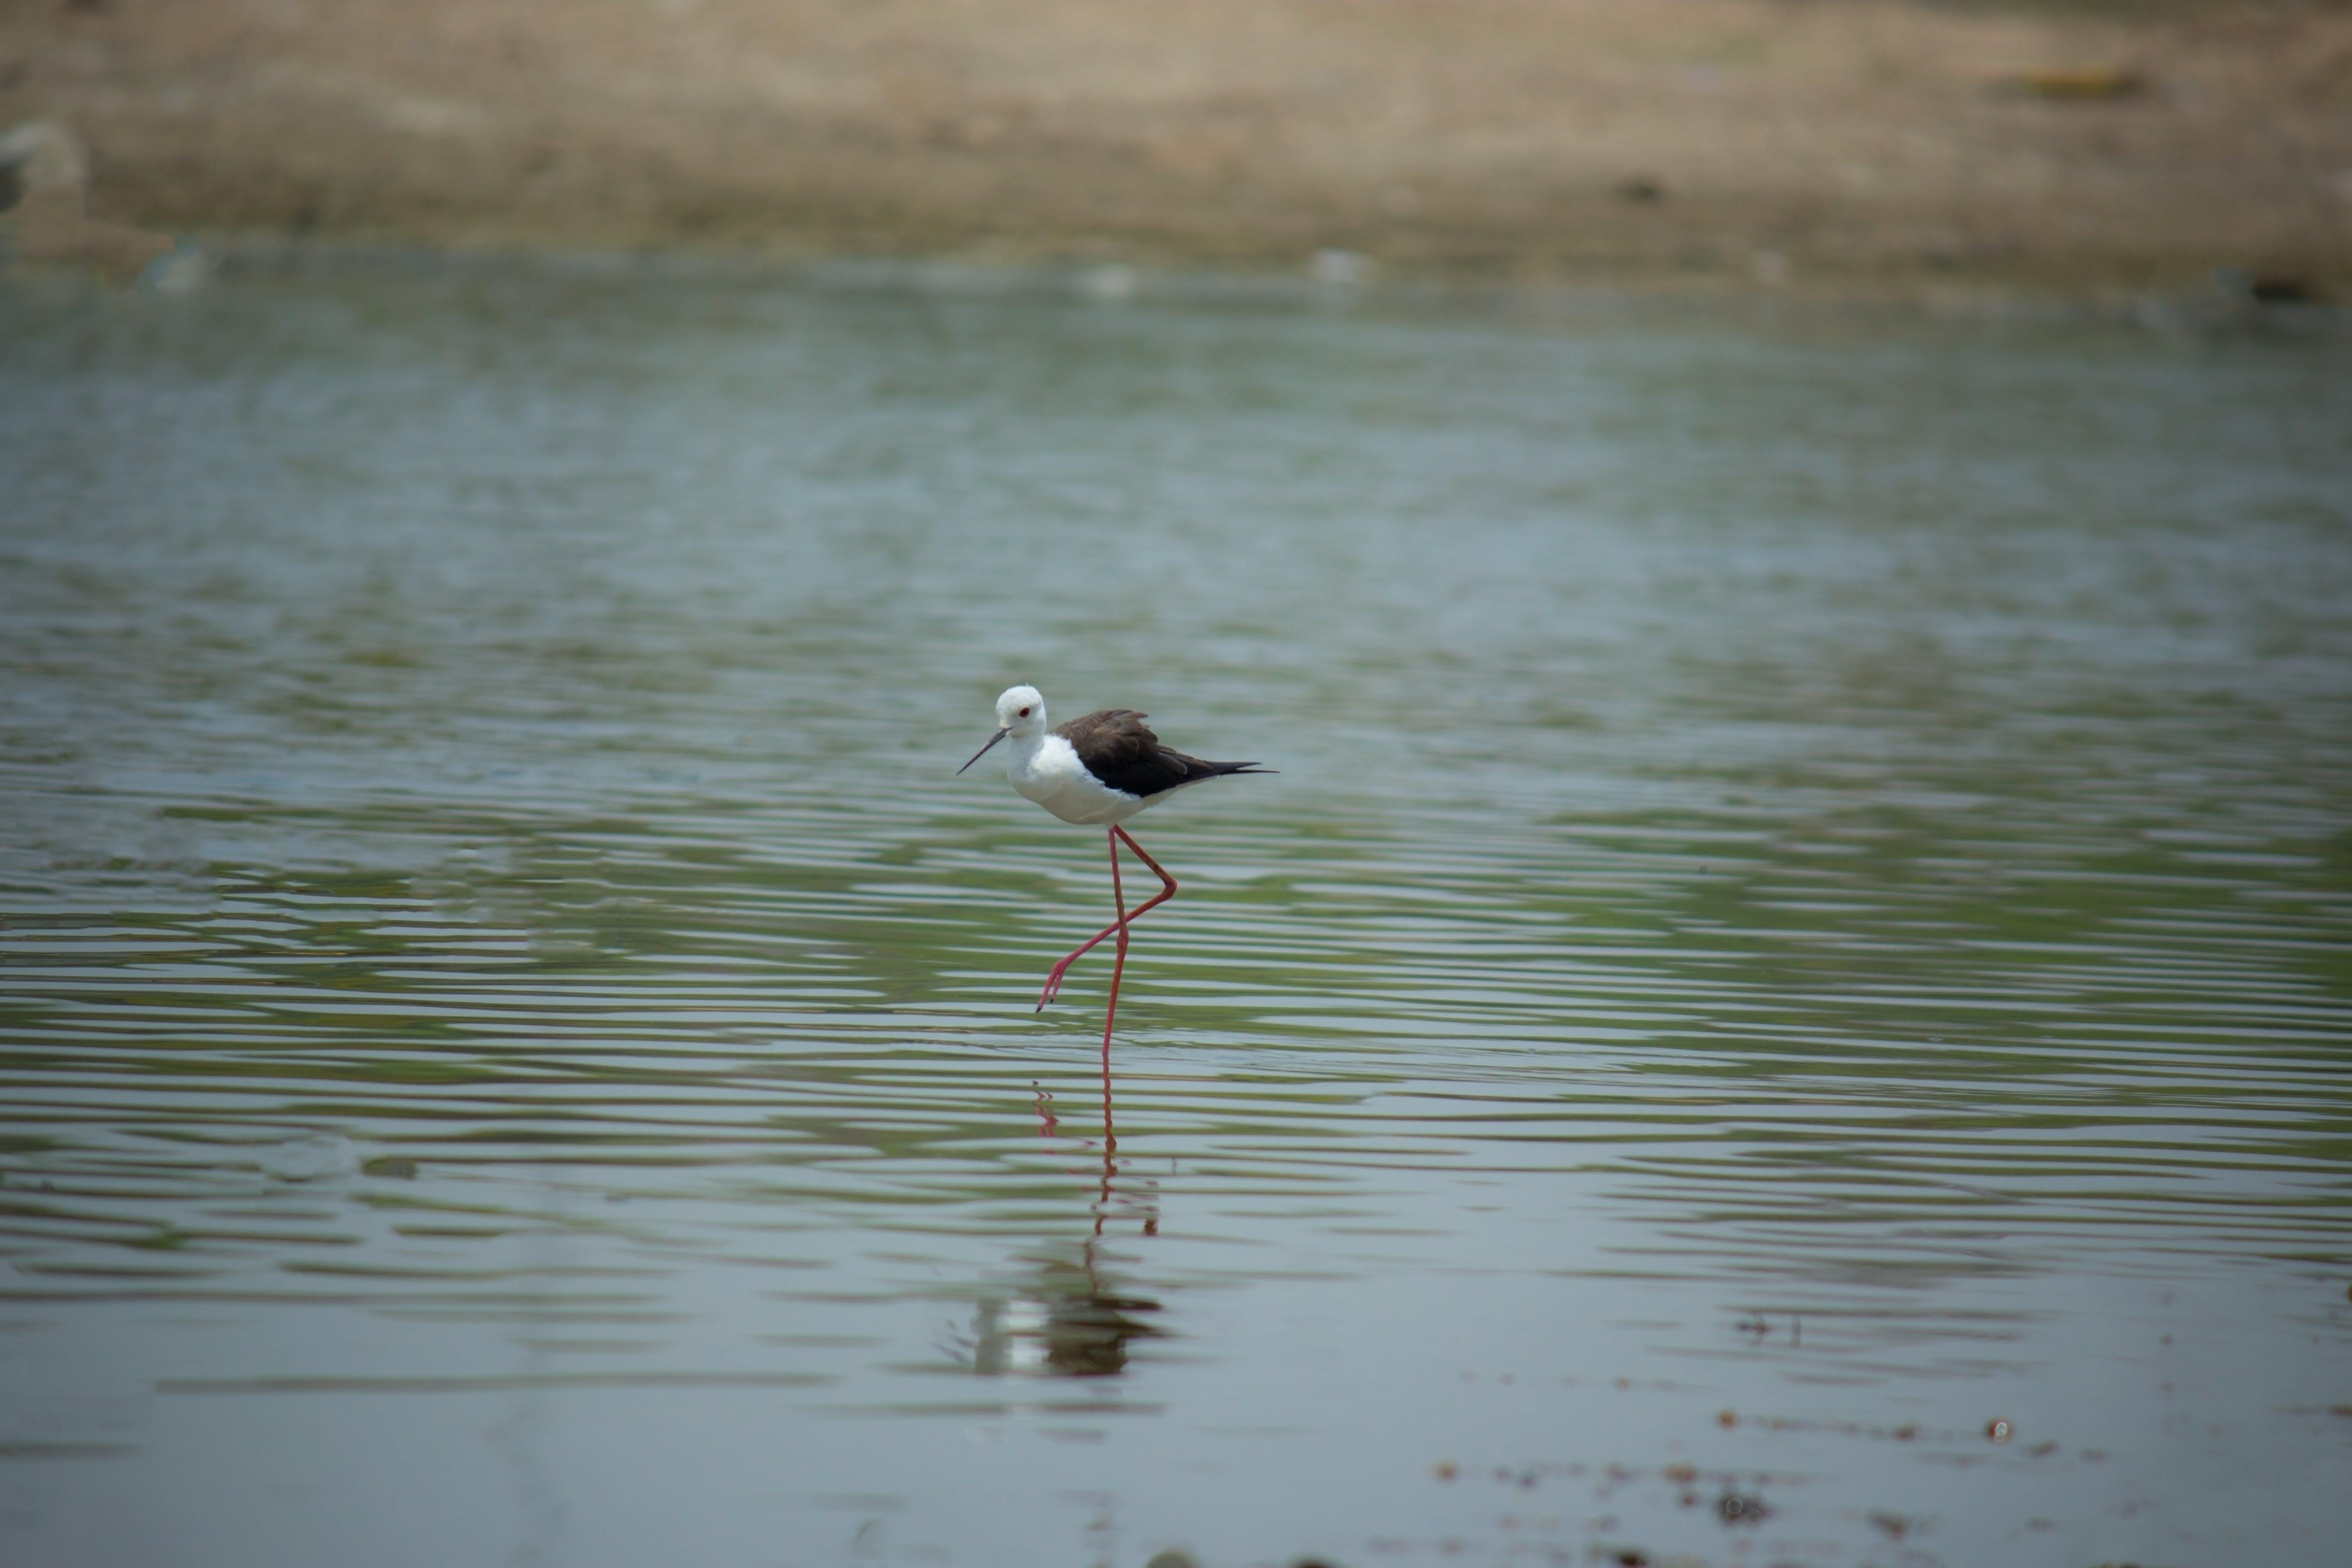 Foto d'estoc gratuïta de #natura #bird #birdsofinstagram #animals #wildlife, #waterfowl #devon #birds #birdstagram #bird #ukbir